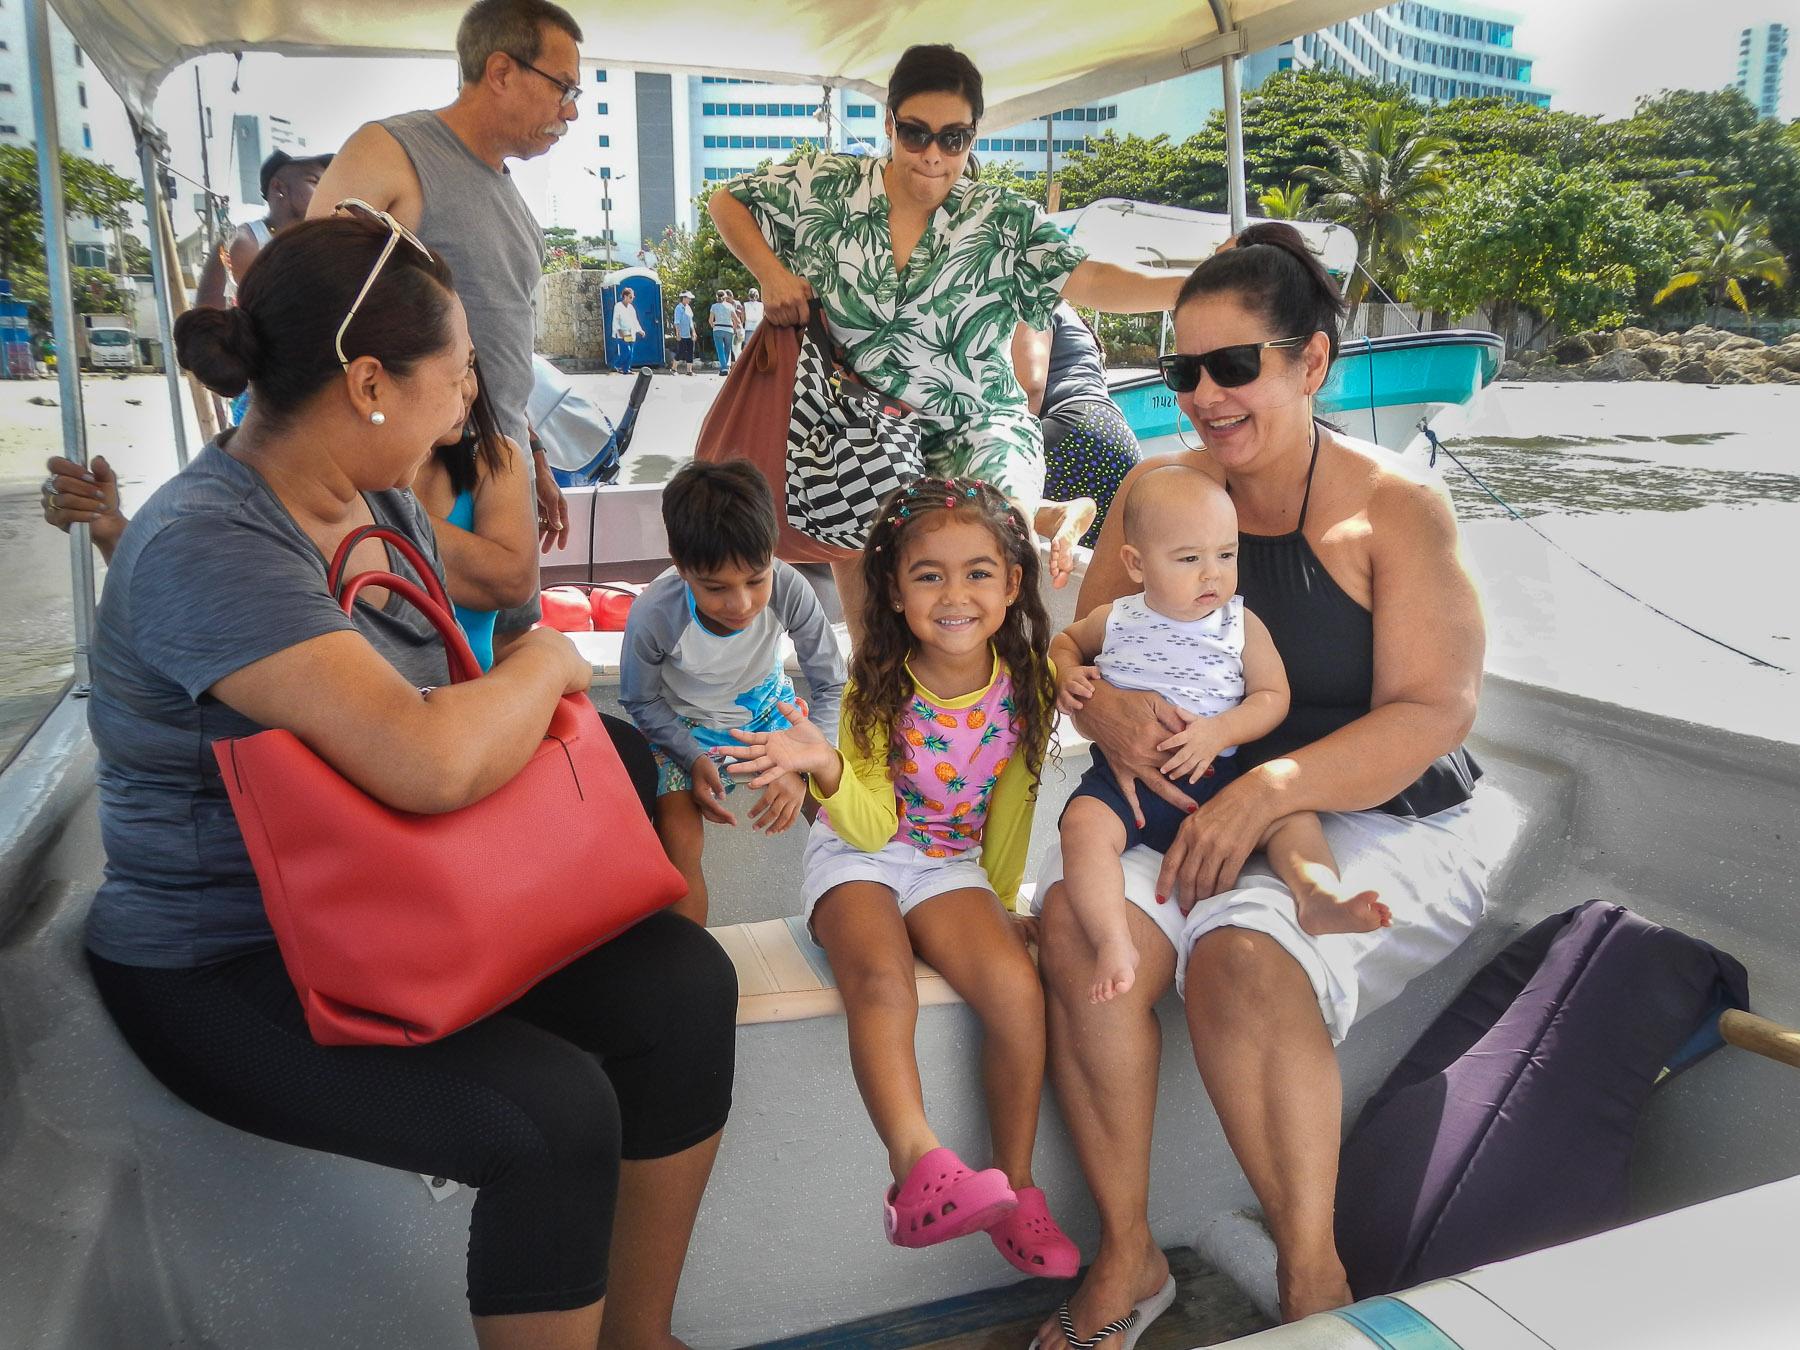 Die kolumbianische Familie, bei der wir leben, nimmt mich mit auf einen Bootsausflug